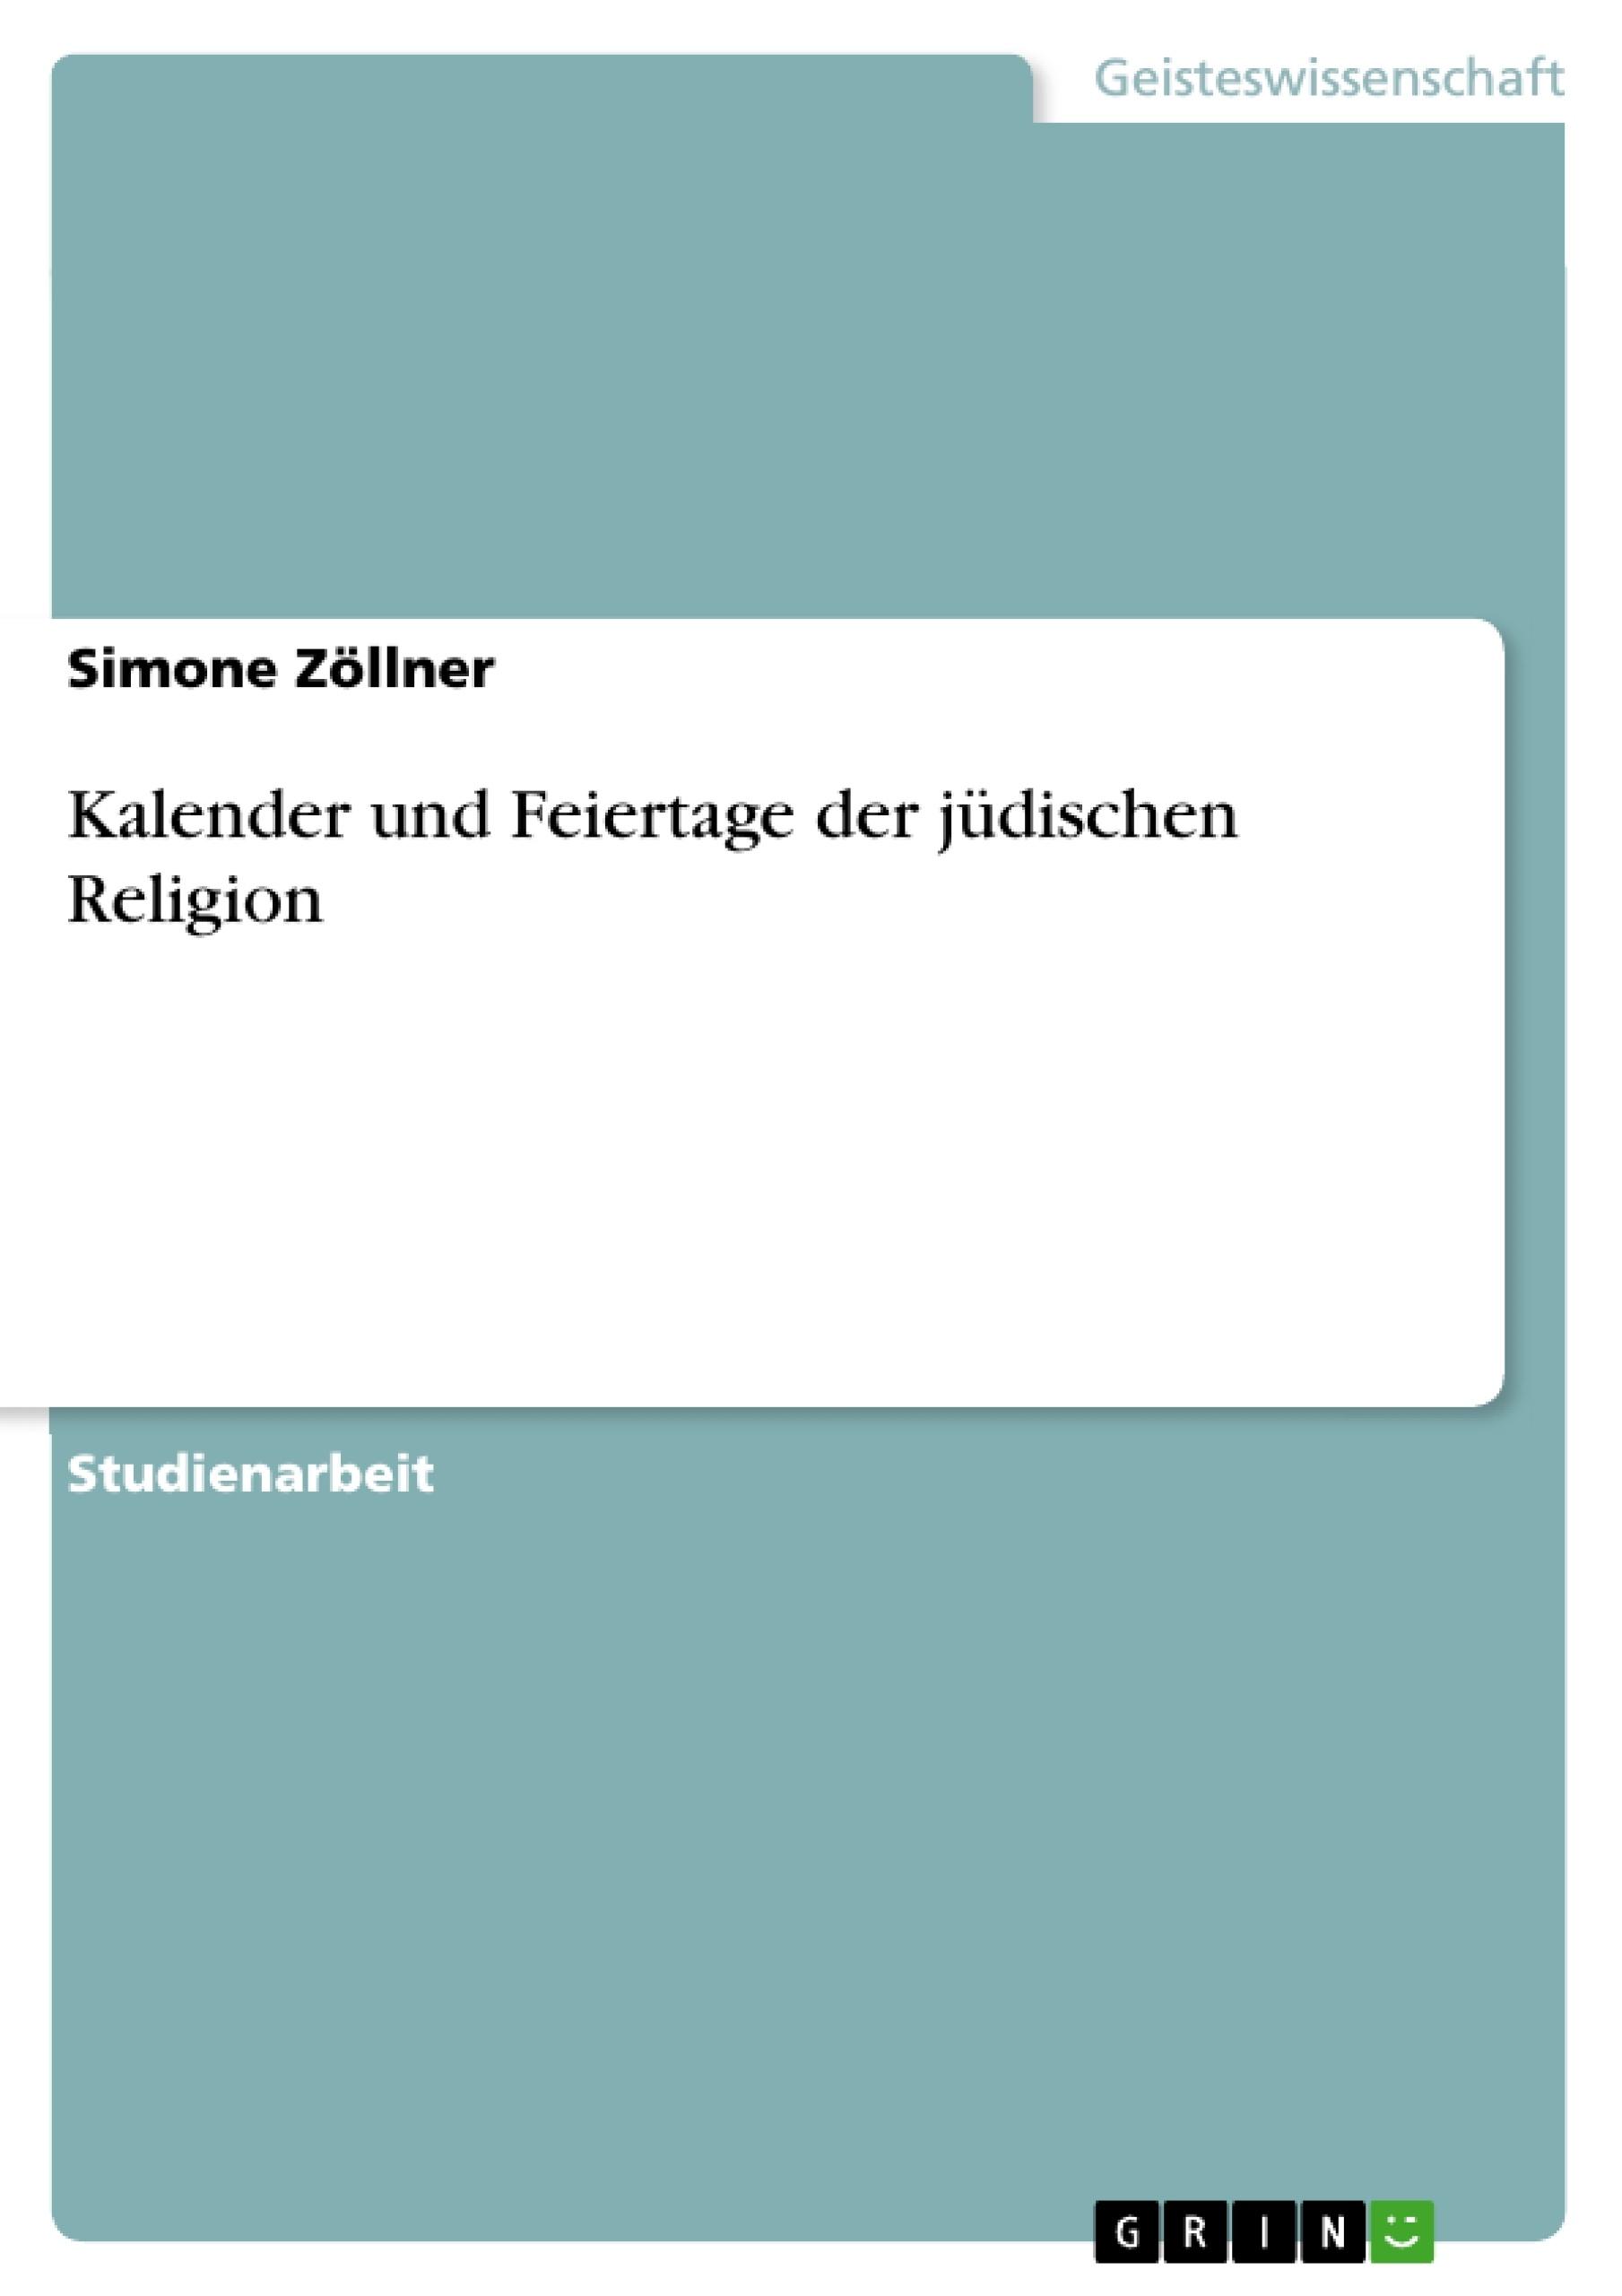 Titel: Kalender und Feiertage der jüdischen Religion